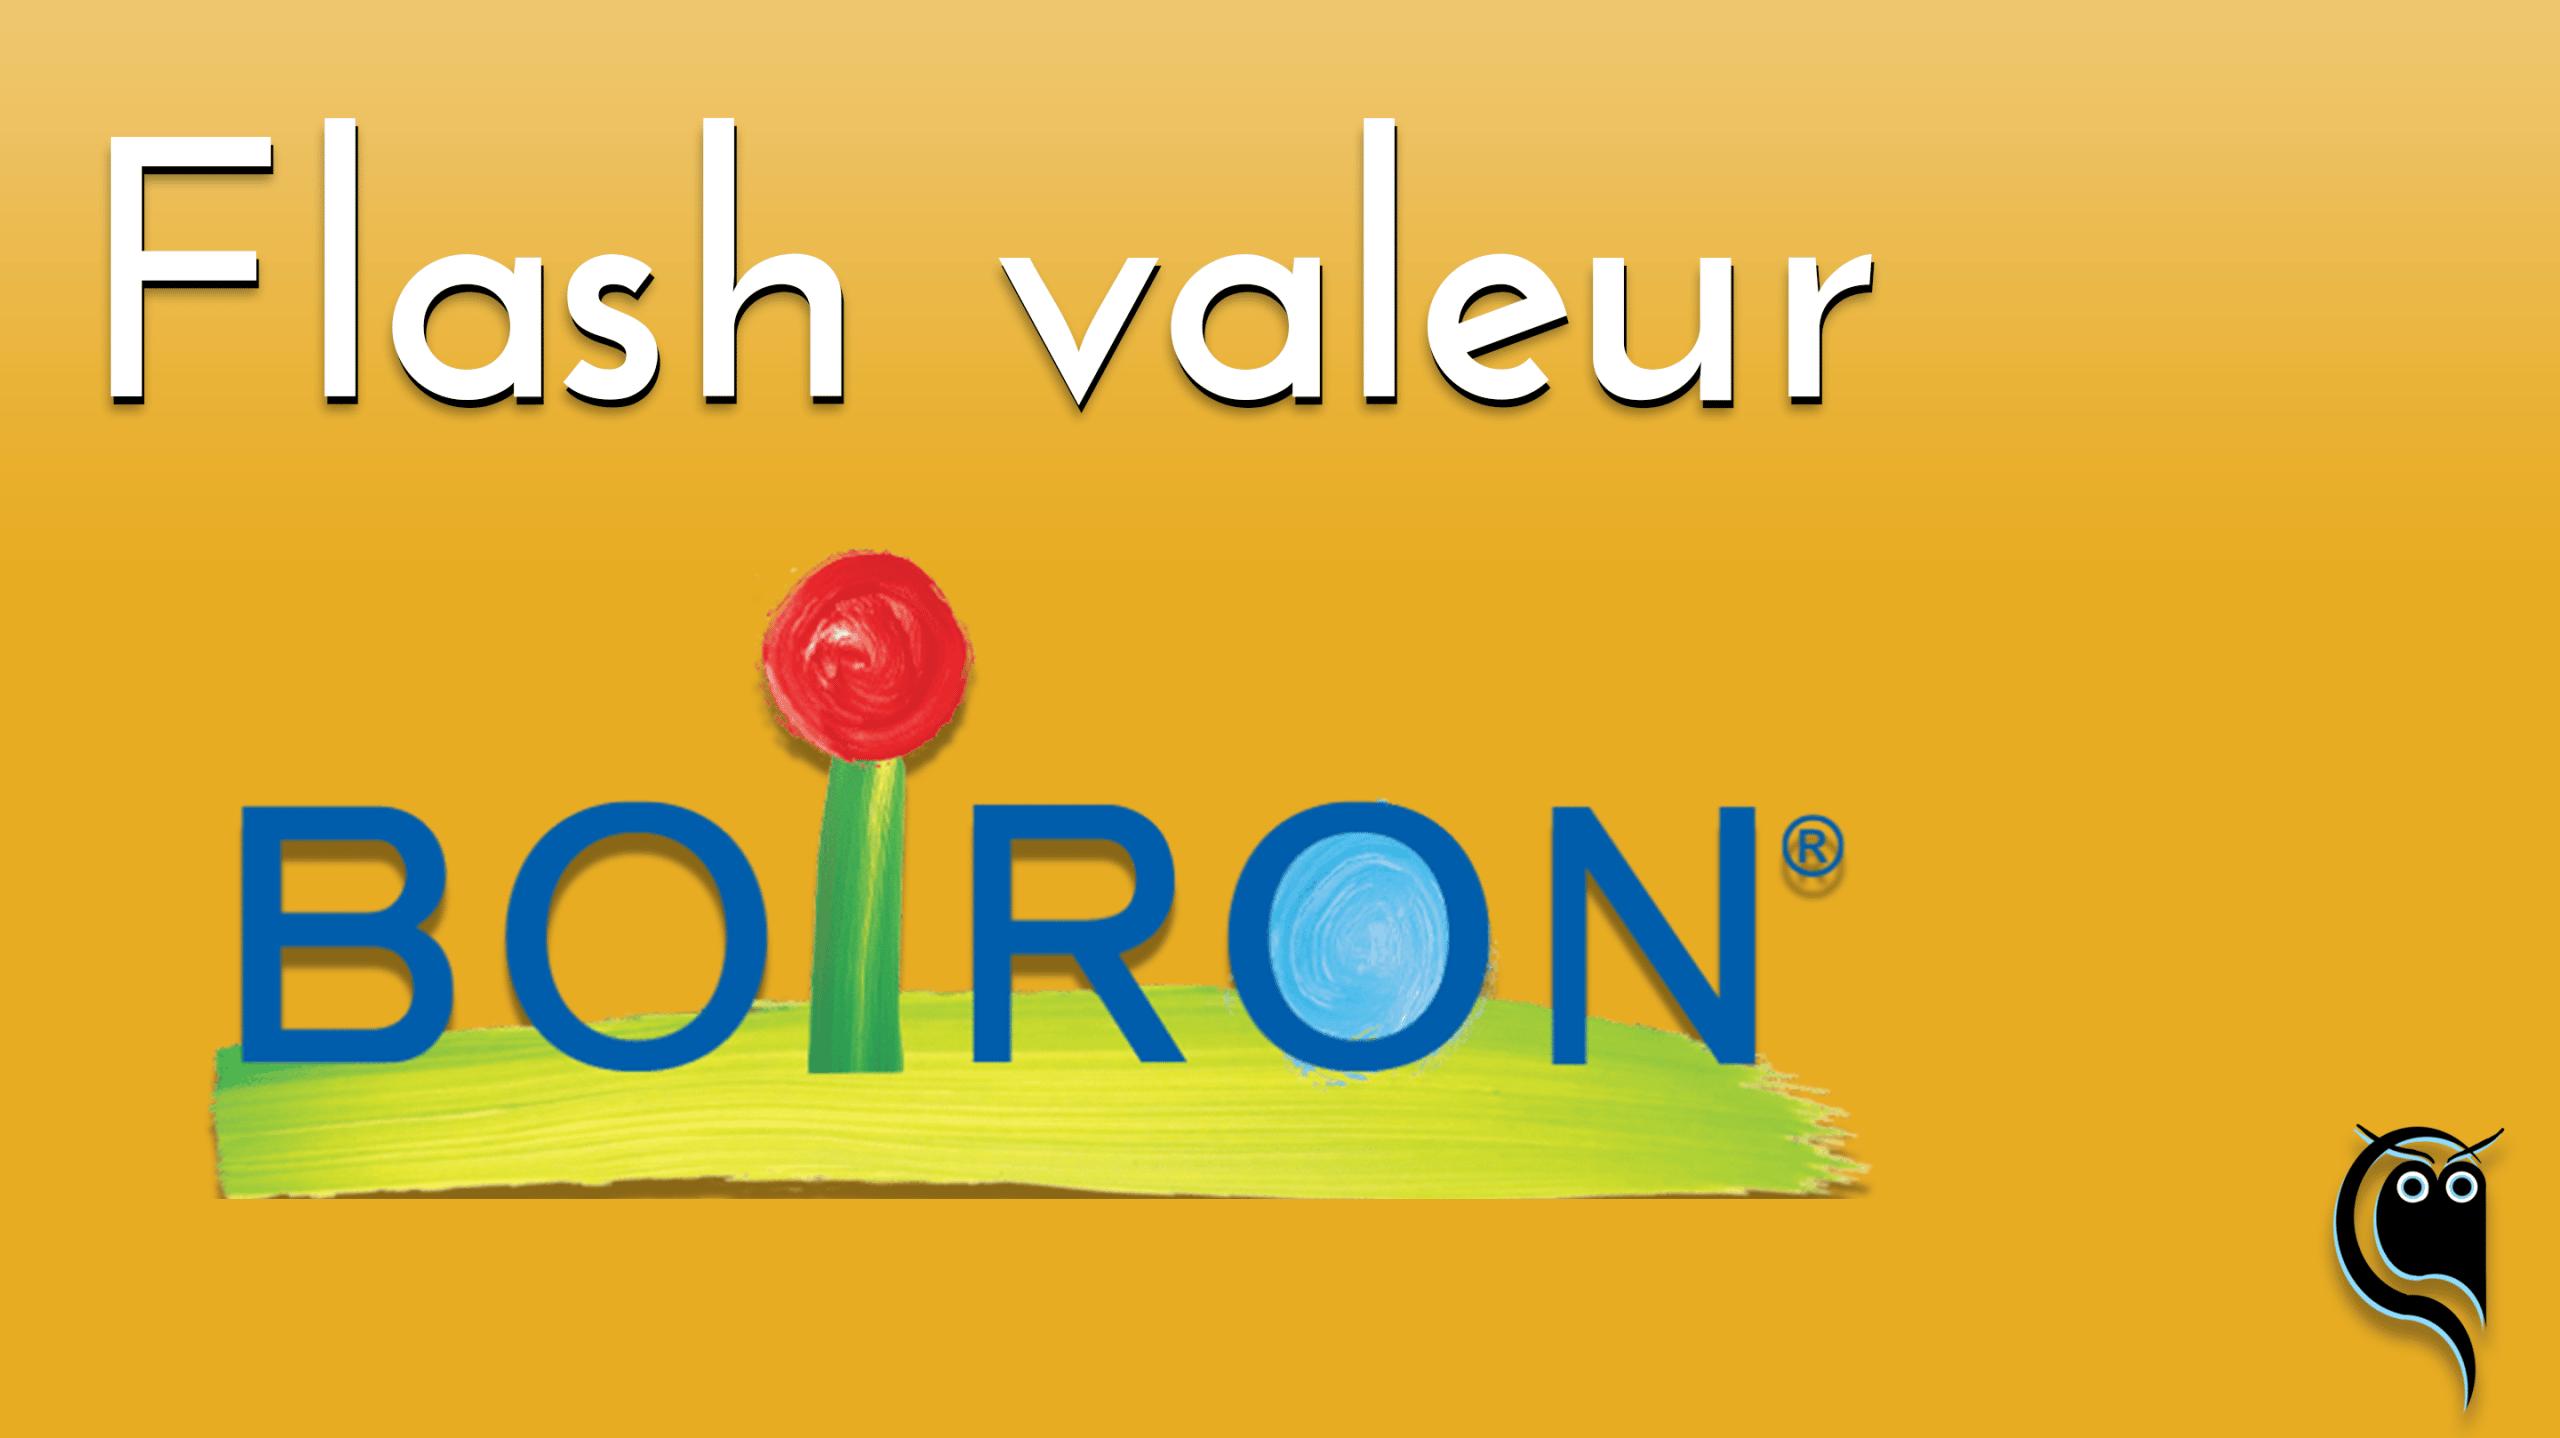 Flash Boiron : résultats 2e trimestre 2021